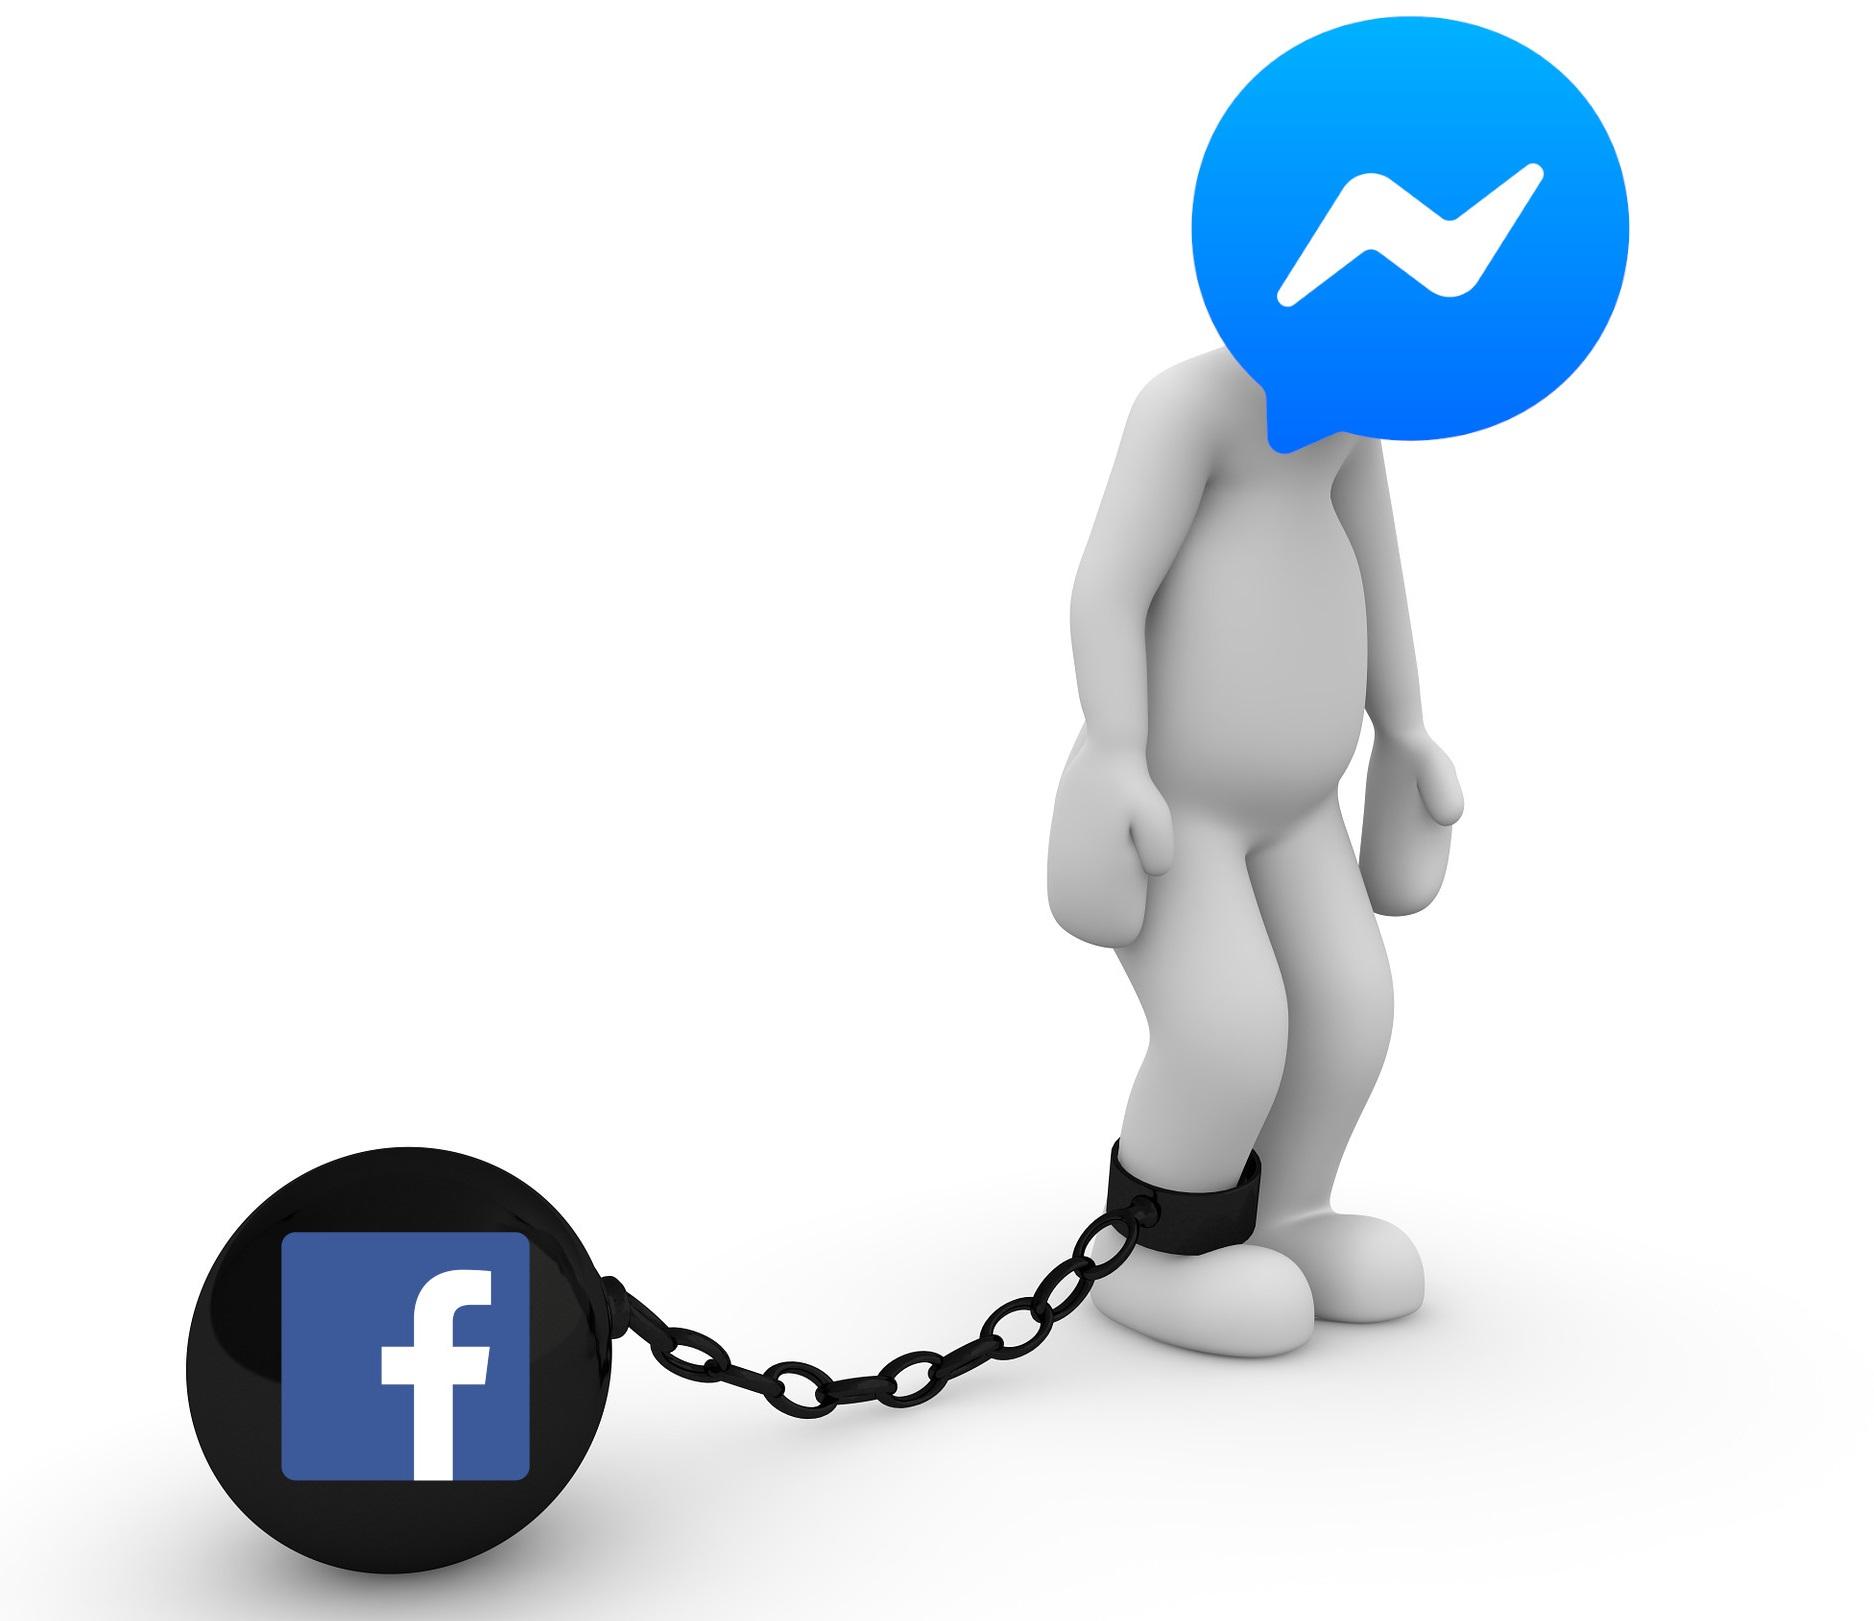 Rejestracja nowego użytkownika w Messengerze bez konta na Facebooku nie jest już możliwa 29